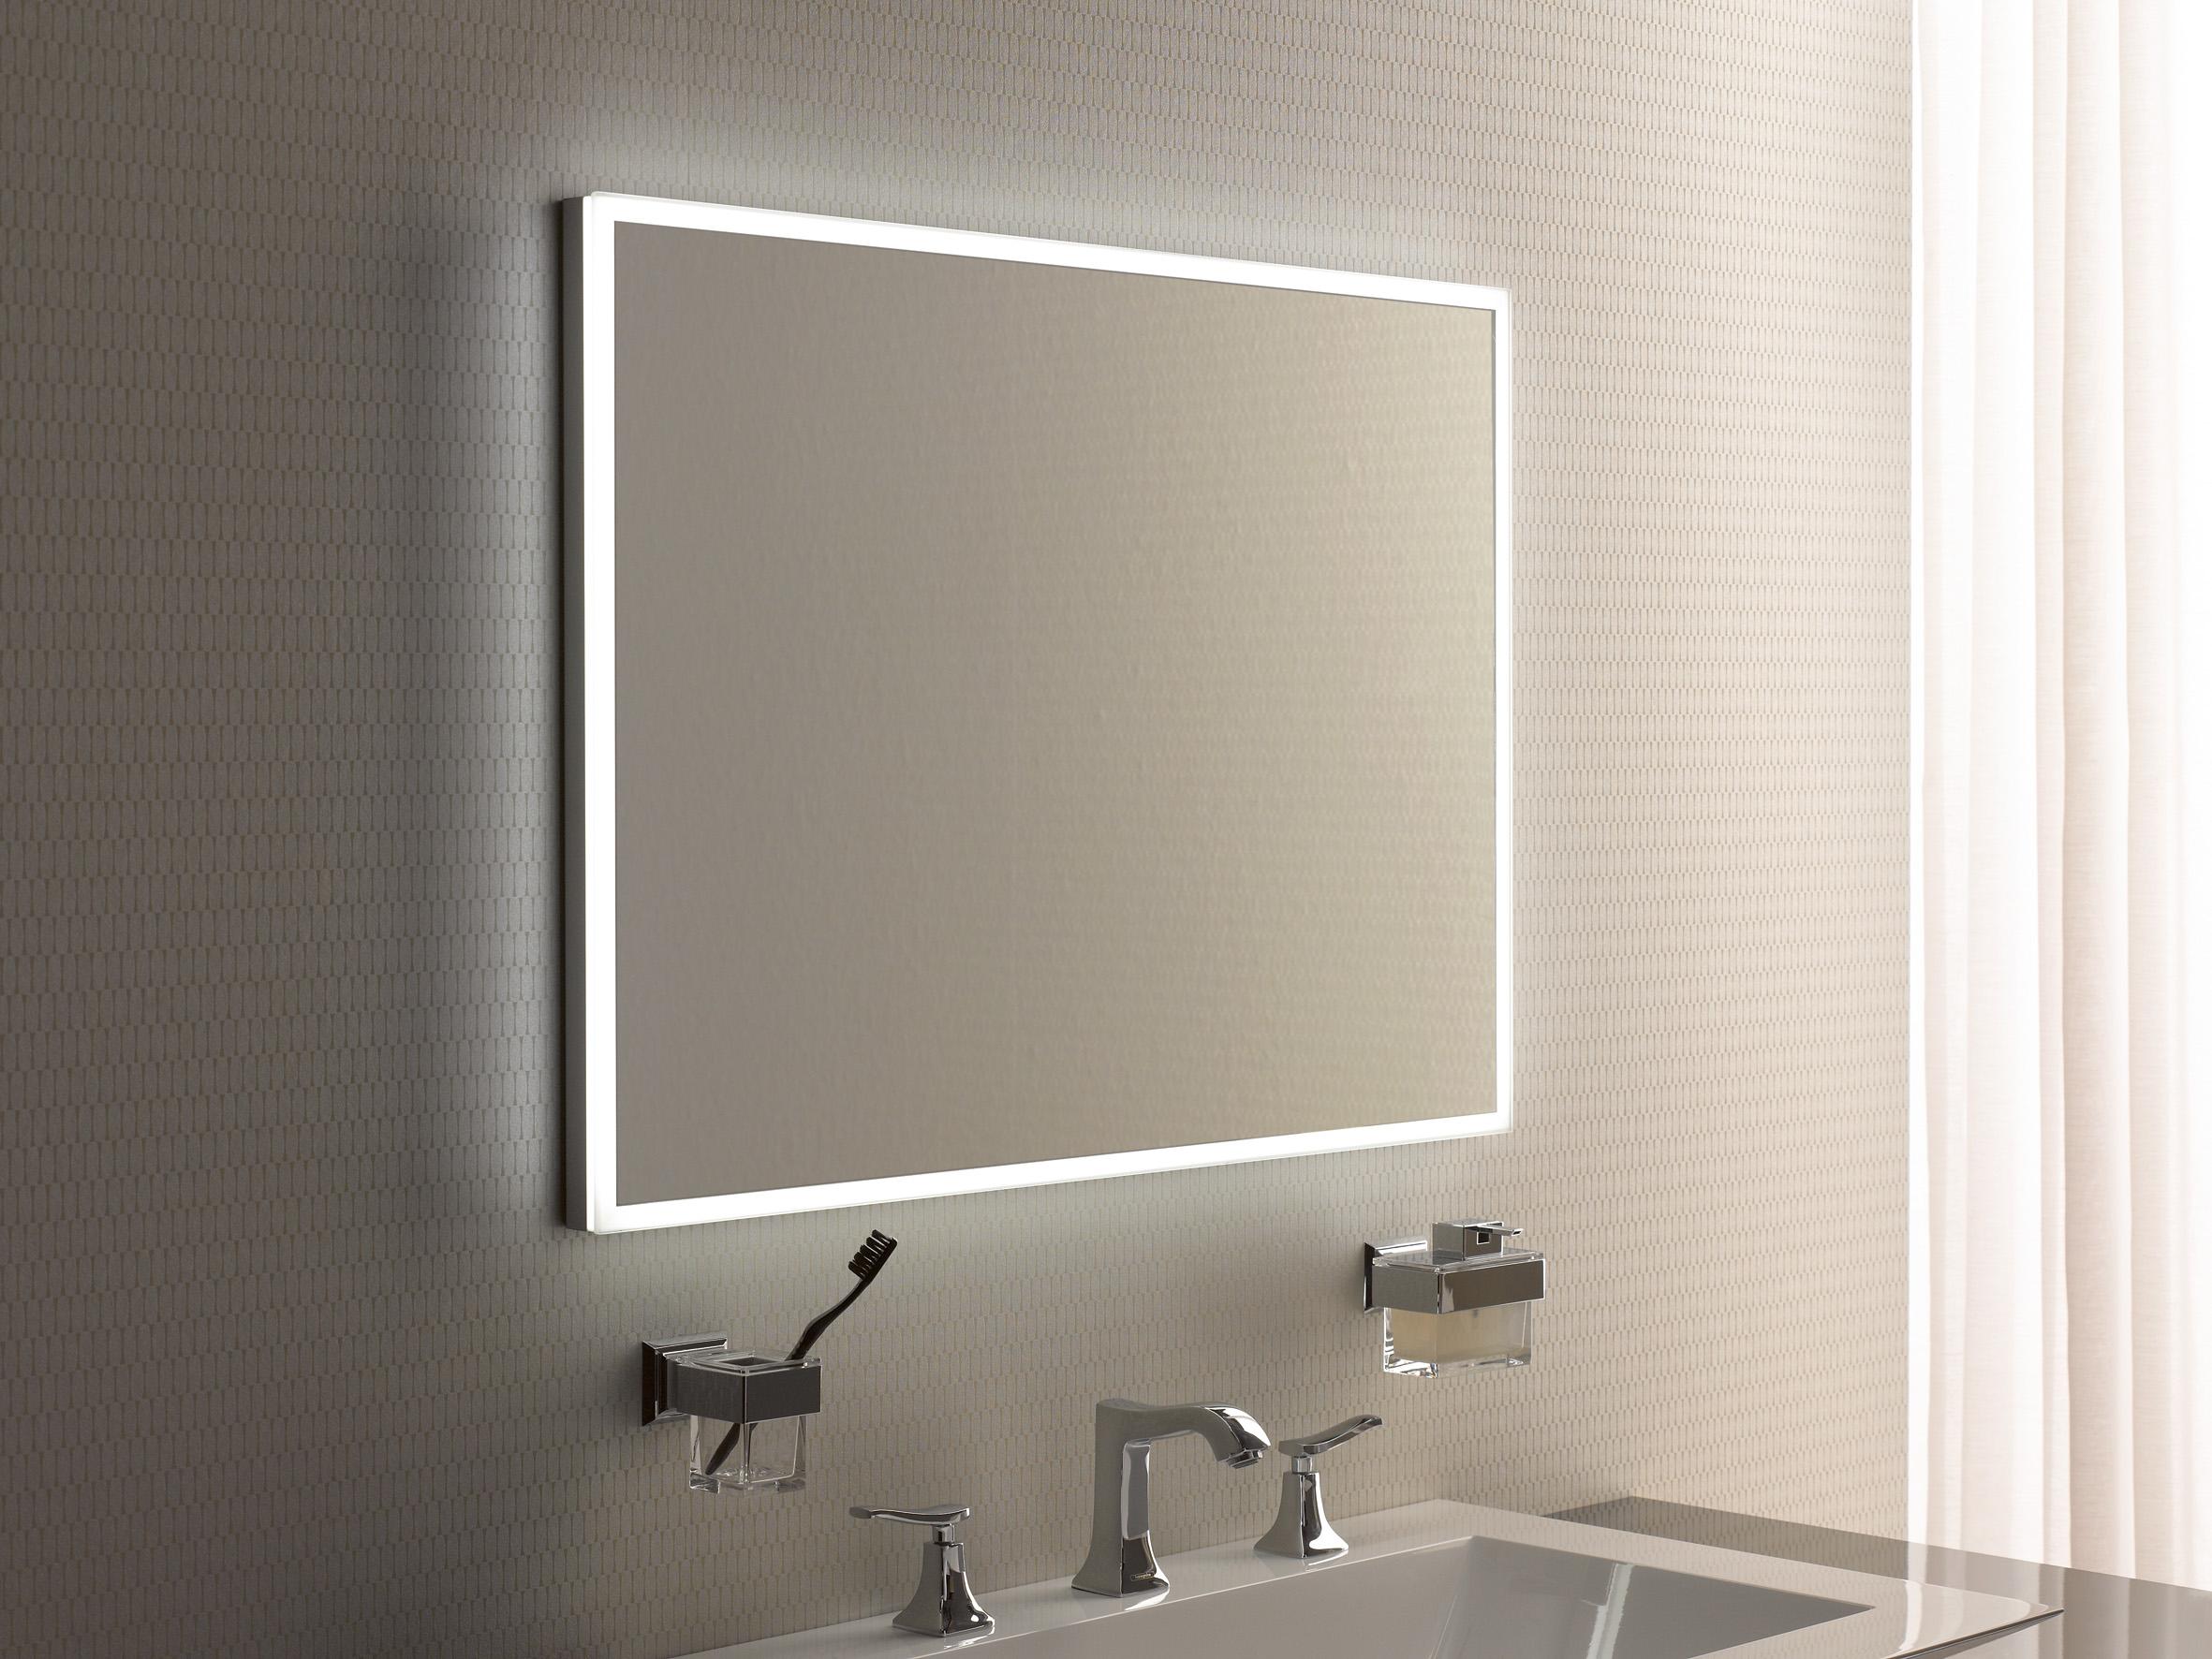 Встроенные светодиоды в зеркало